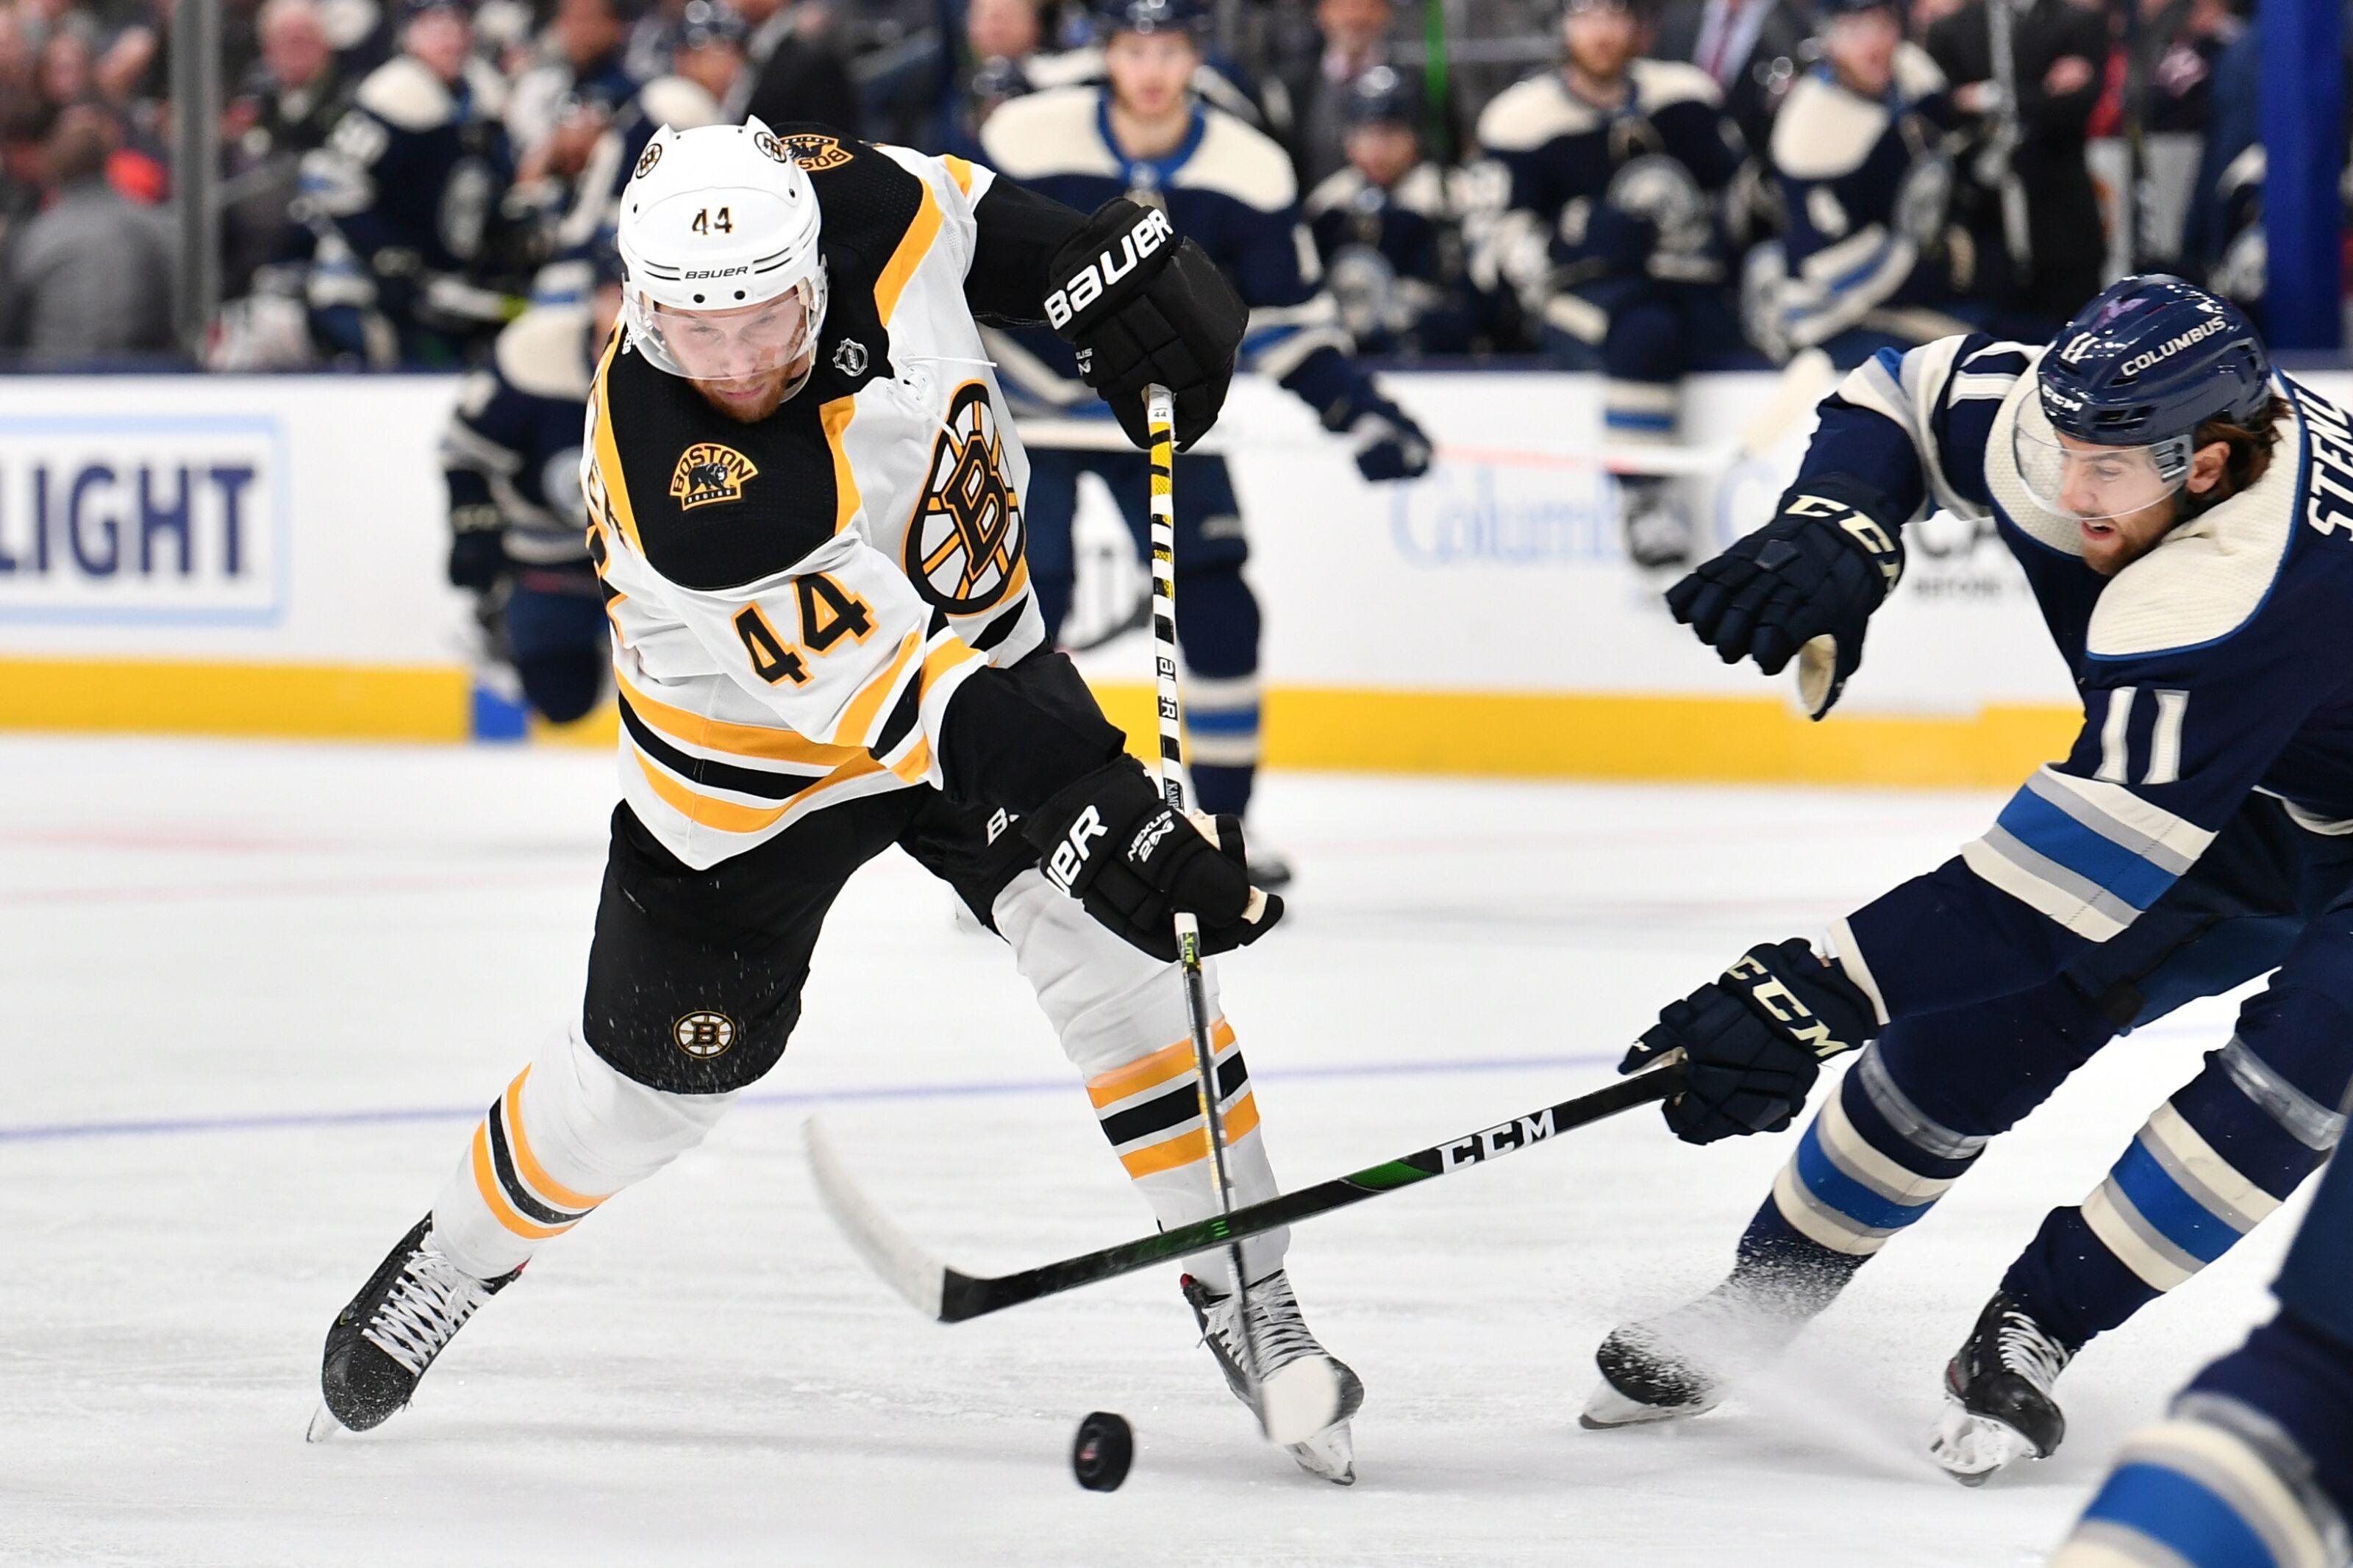 Boston Bruins: Steven Kampfer the latest to depart Boston